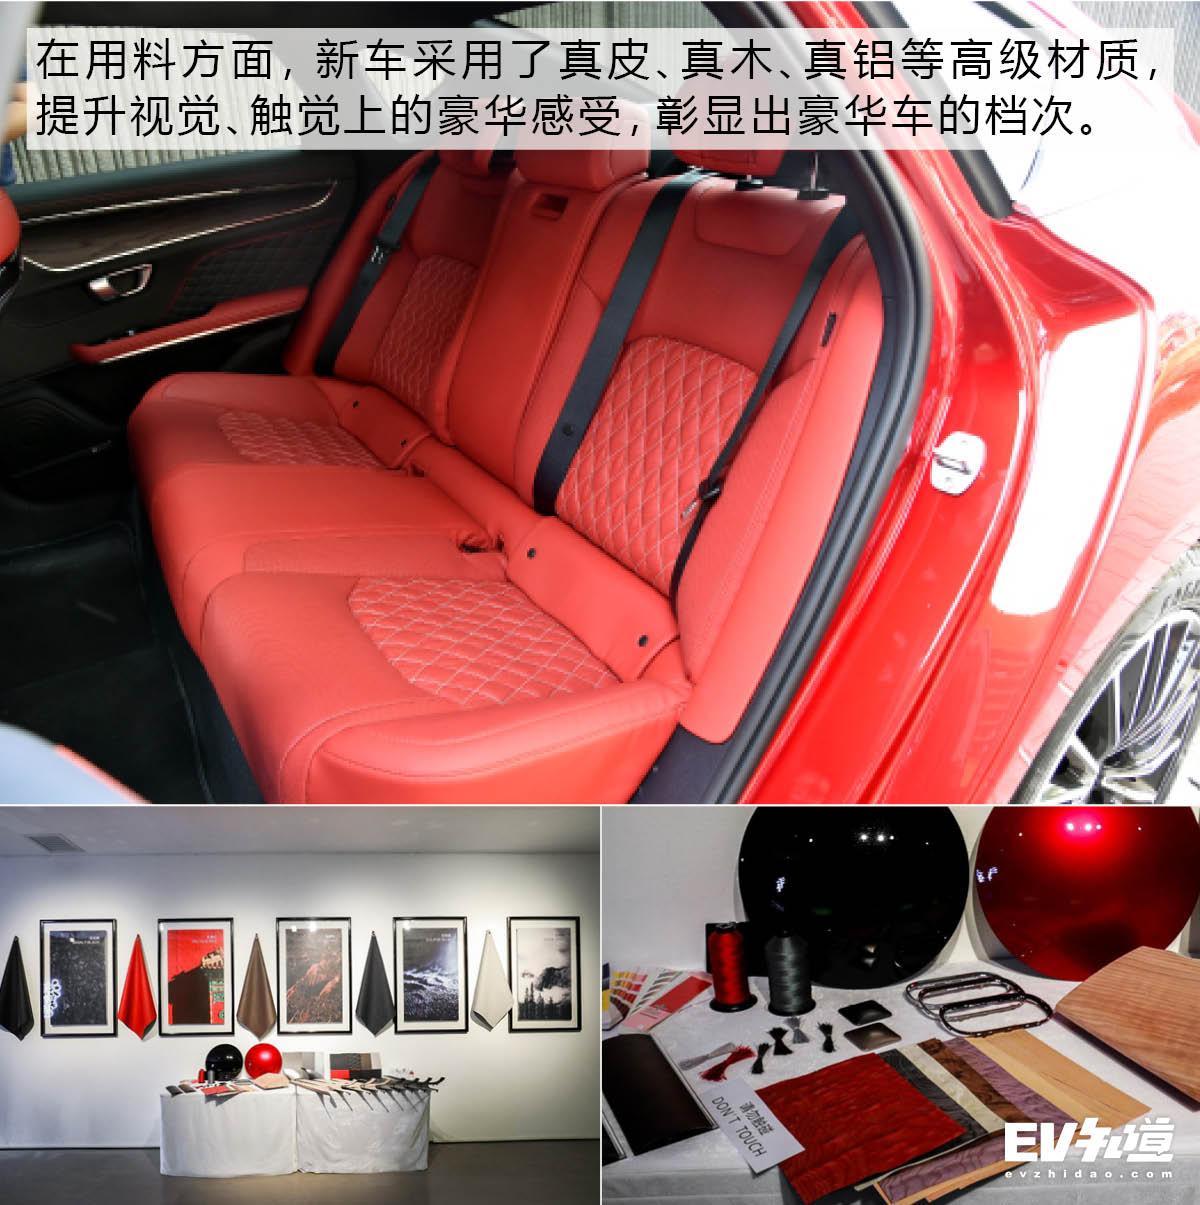 灵动大气/拥有中式豪华韵味 比亚迪旗舰轿车汉设计亮点解析